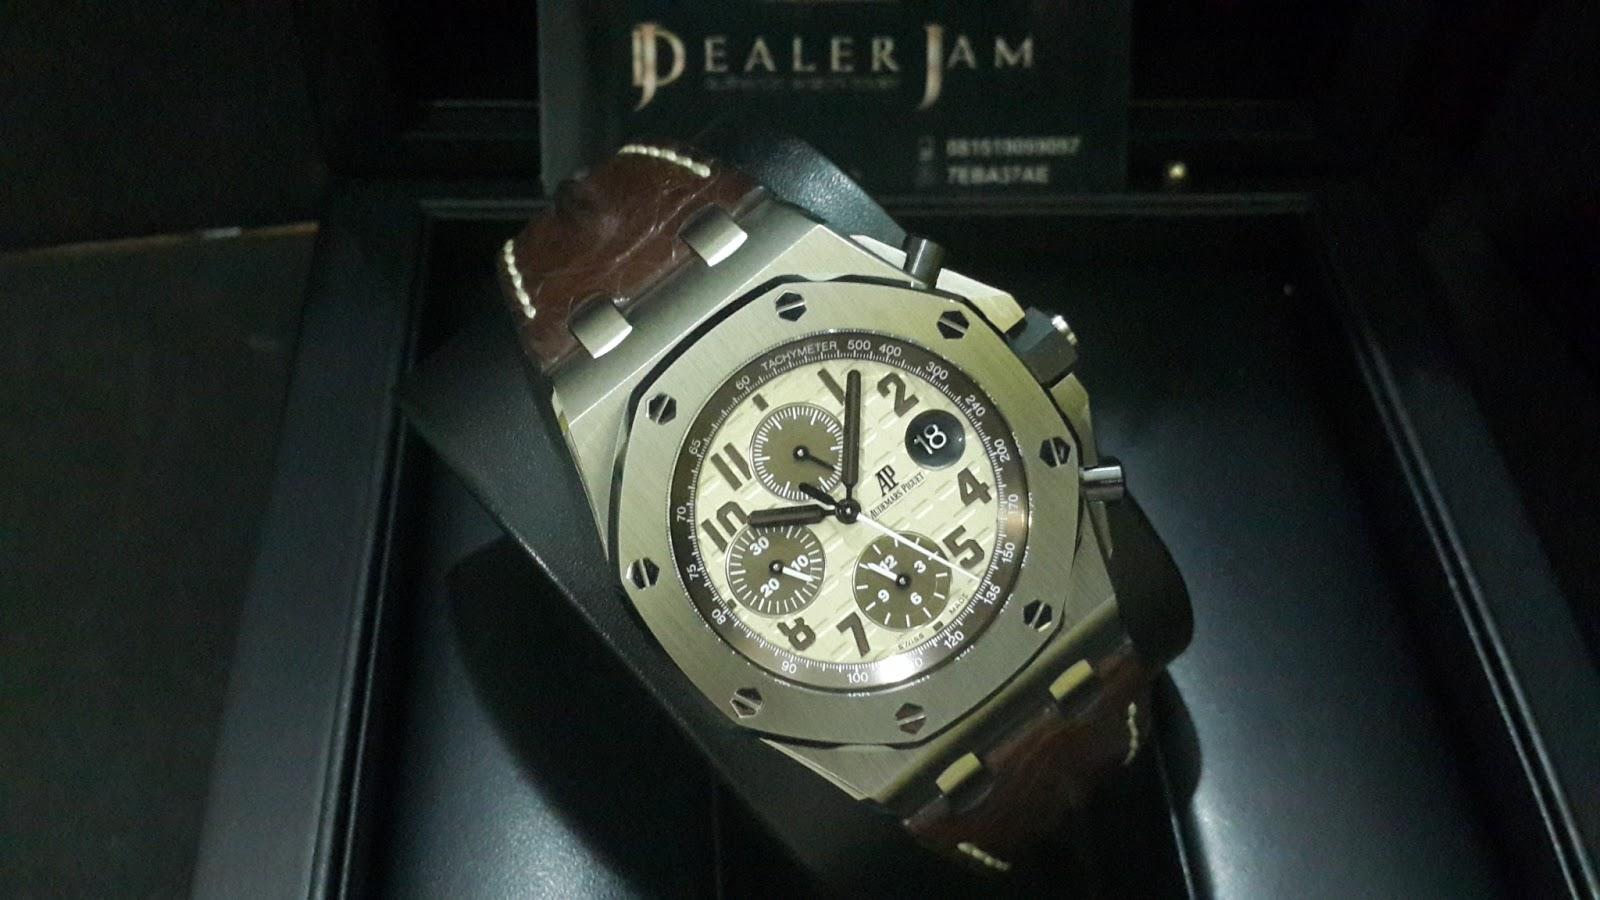 Jual Beli Jam Tangan Mewah Second Original Arloji Luxury Bekas Audemars Piguet Safari Steel 42mm Instagram Dealerjam